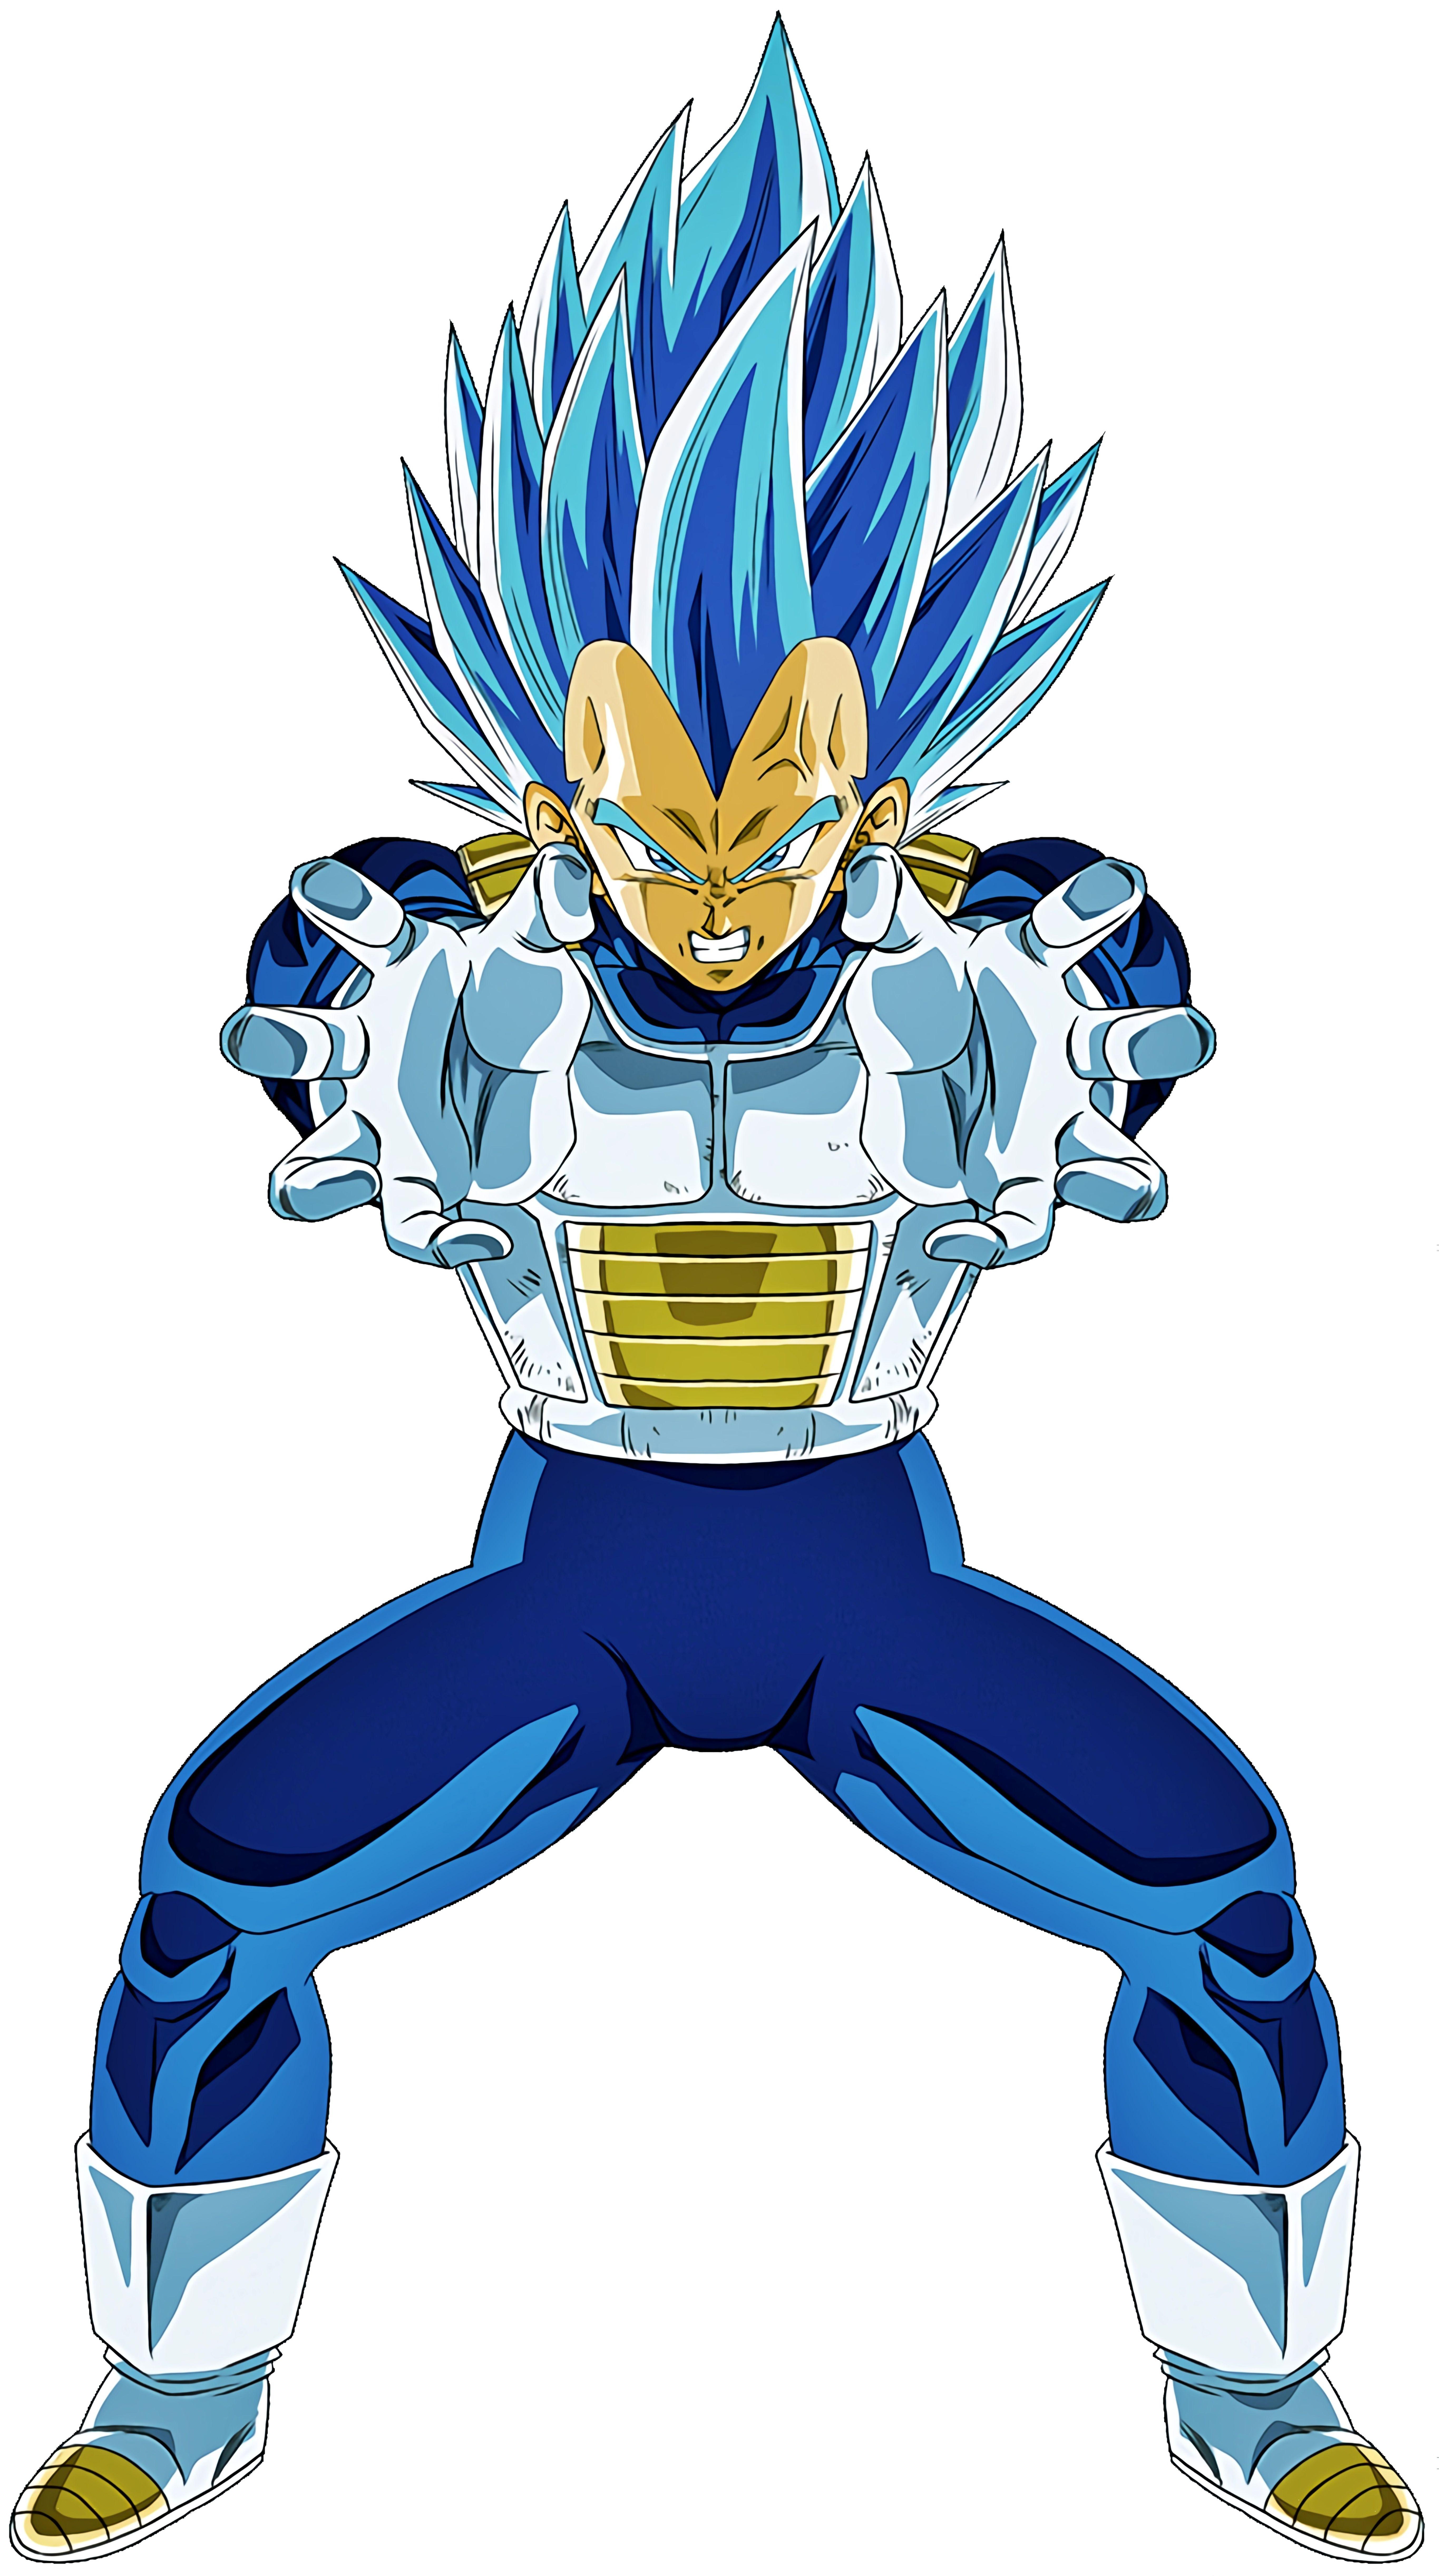 Vegeta Ssj Blue Full Power Universo 7 Anime Dragon Ball Super Dragon Ball Goku Anime Dragon Ball